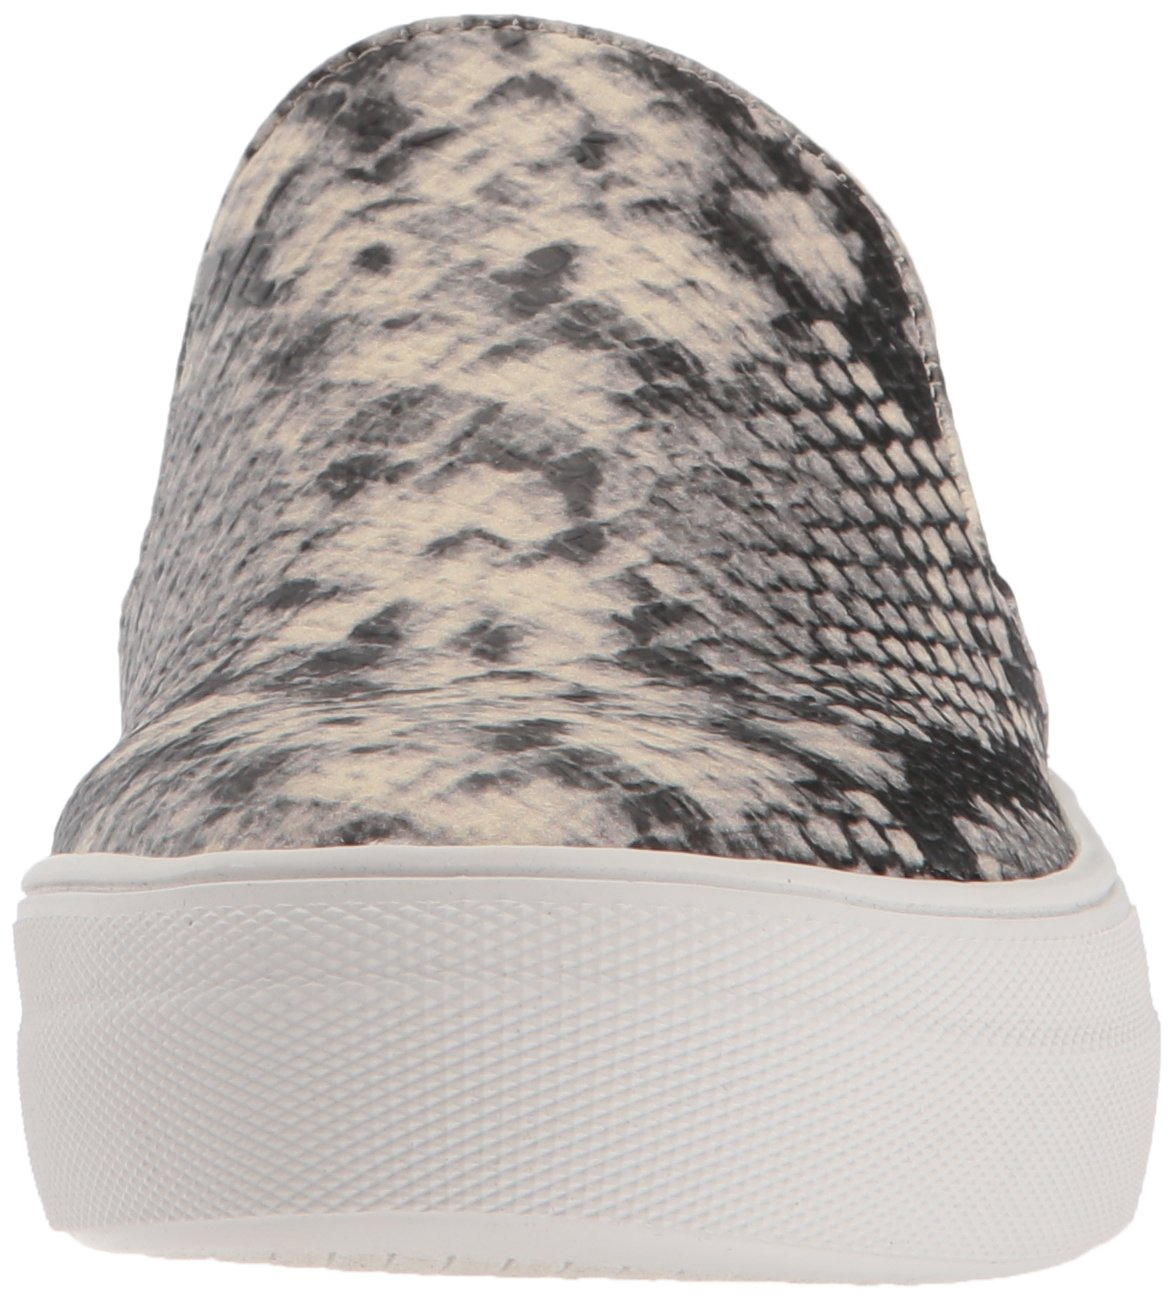 Steve Madden Women's Gills Fashion Sneaker B071K9S4QV 9.5 B(M) US|Natural Snake